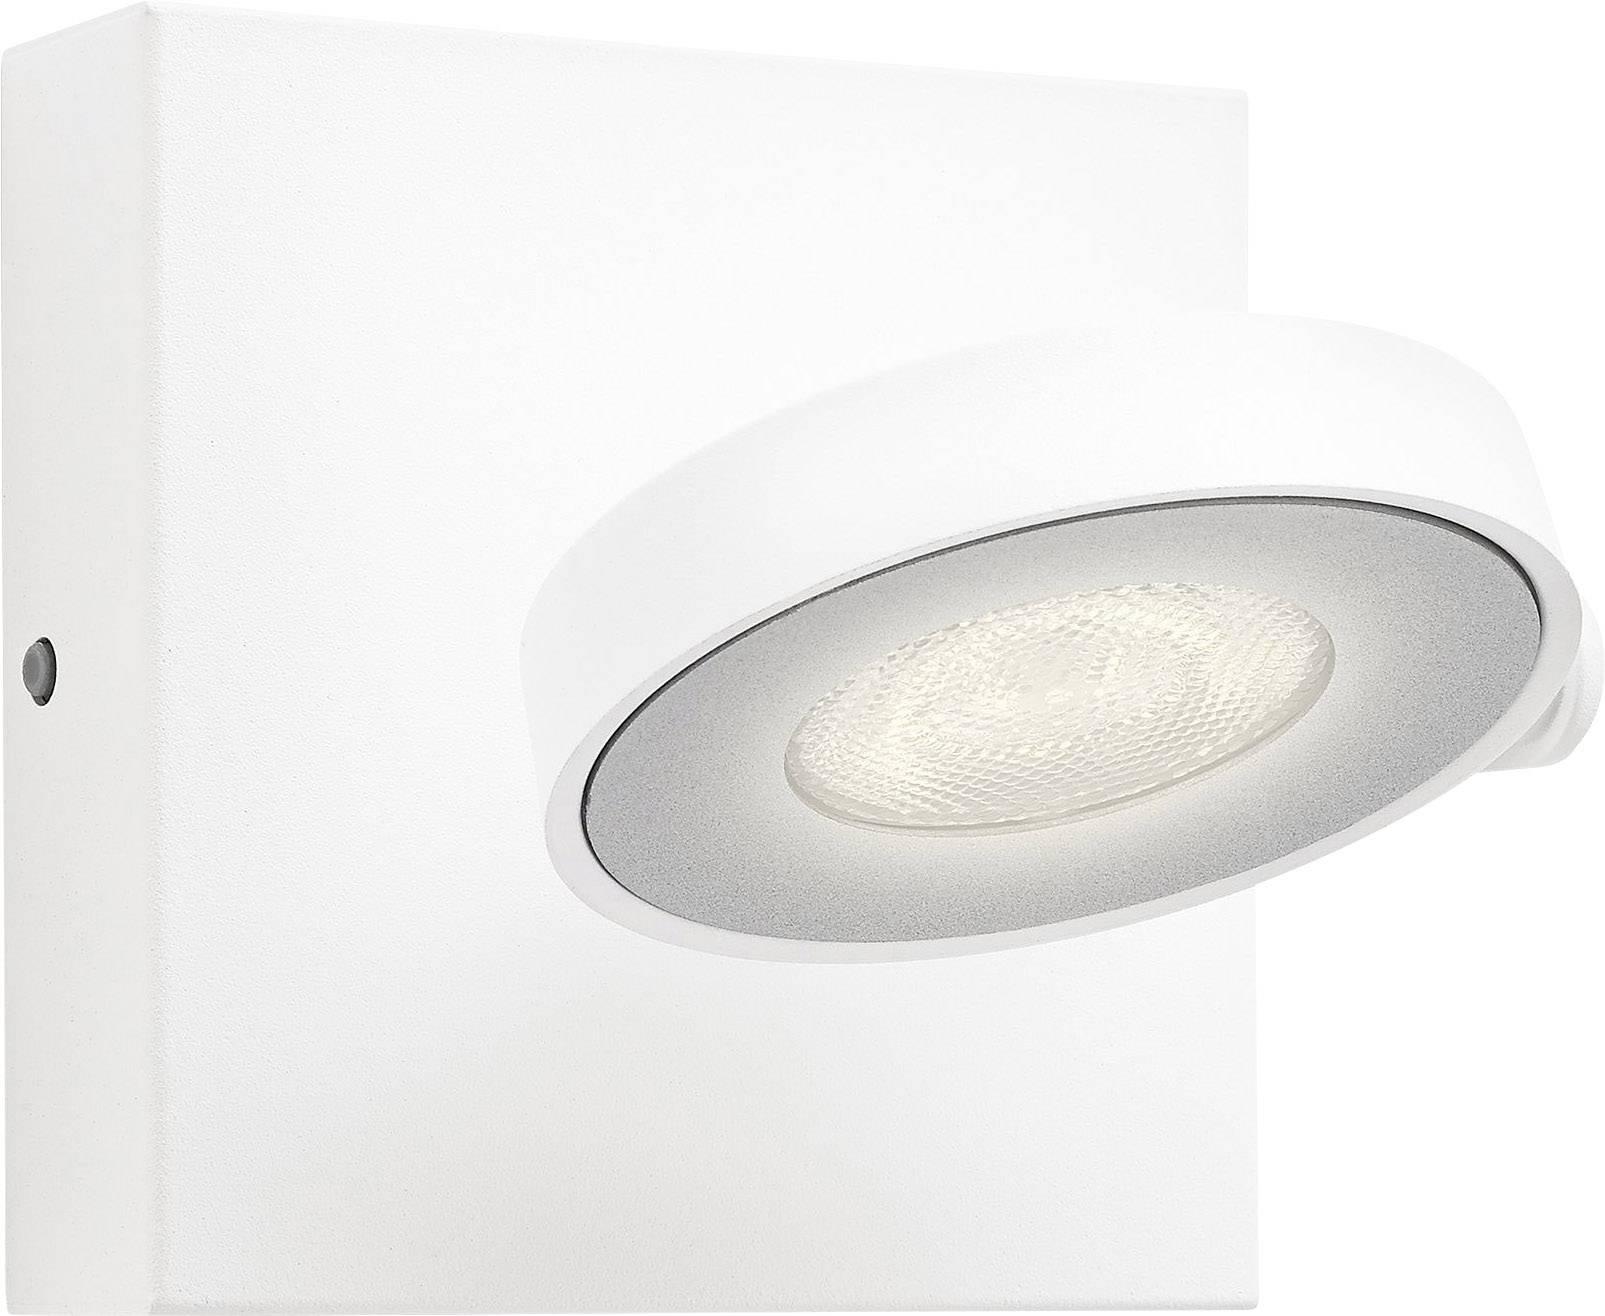 Faretti Led Da Soffitto : Faretto led da soffitto w bianco caldo philips clock